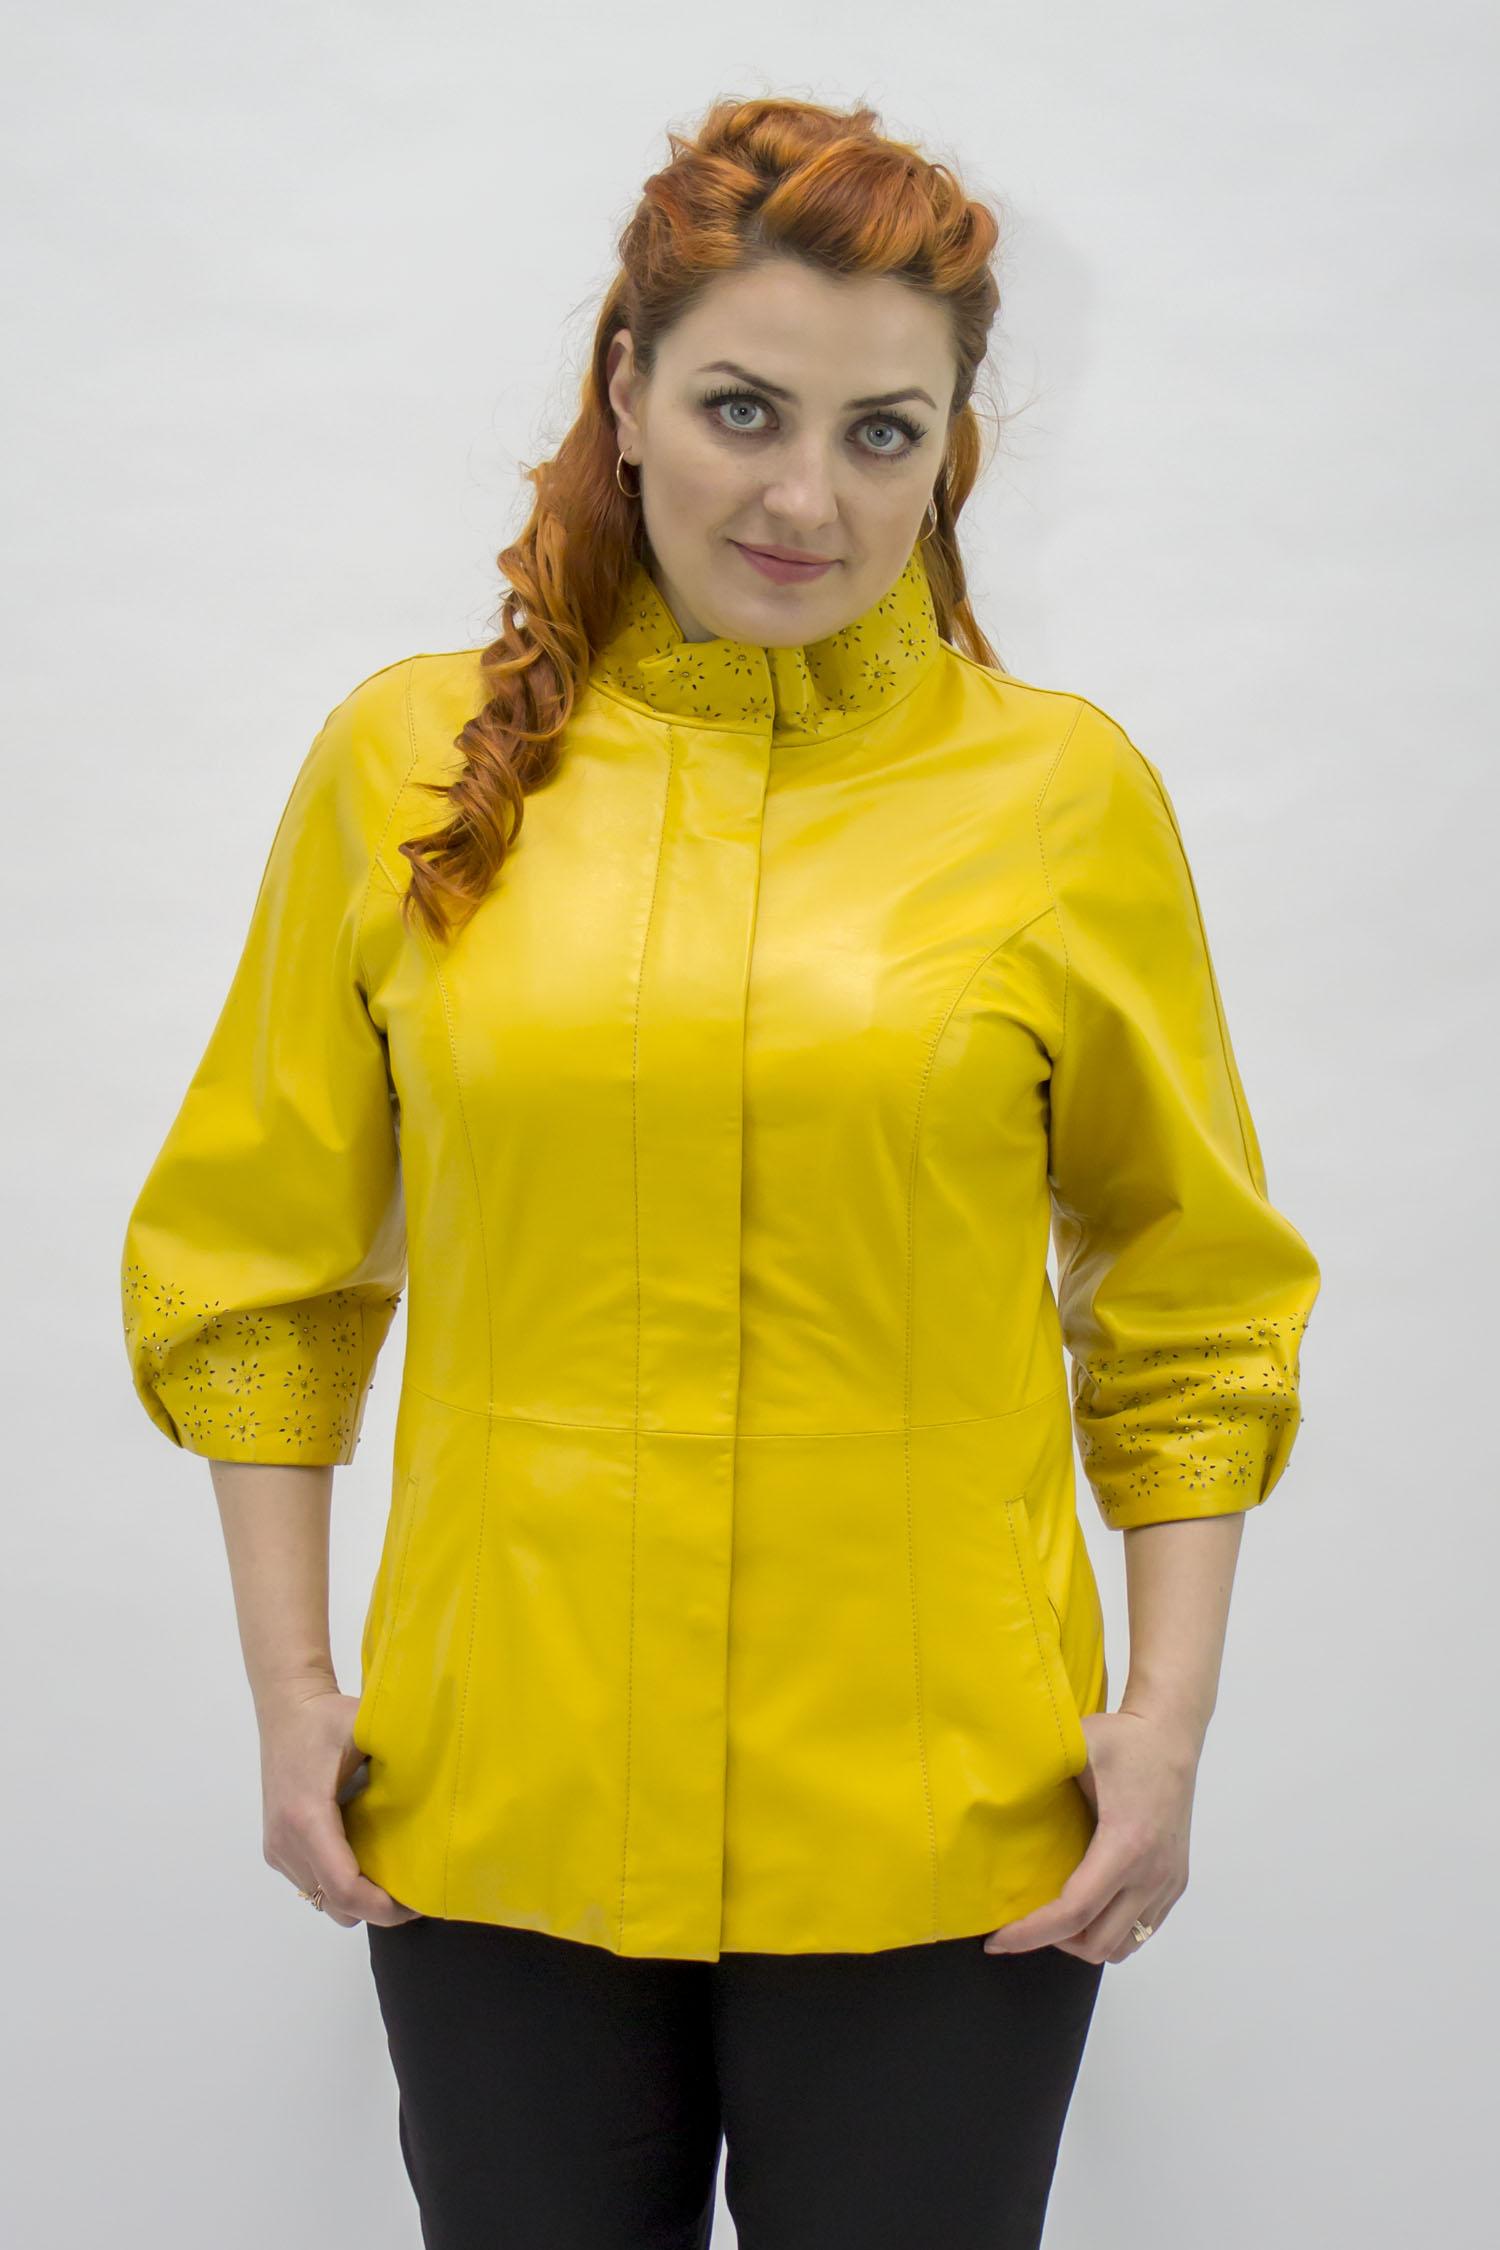 Женская кожаная куртка из натуральной кожи с воротником, без отделки от МОСМЕХА